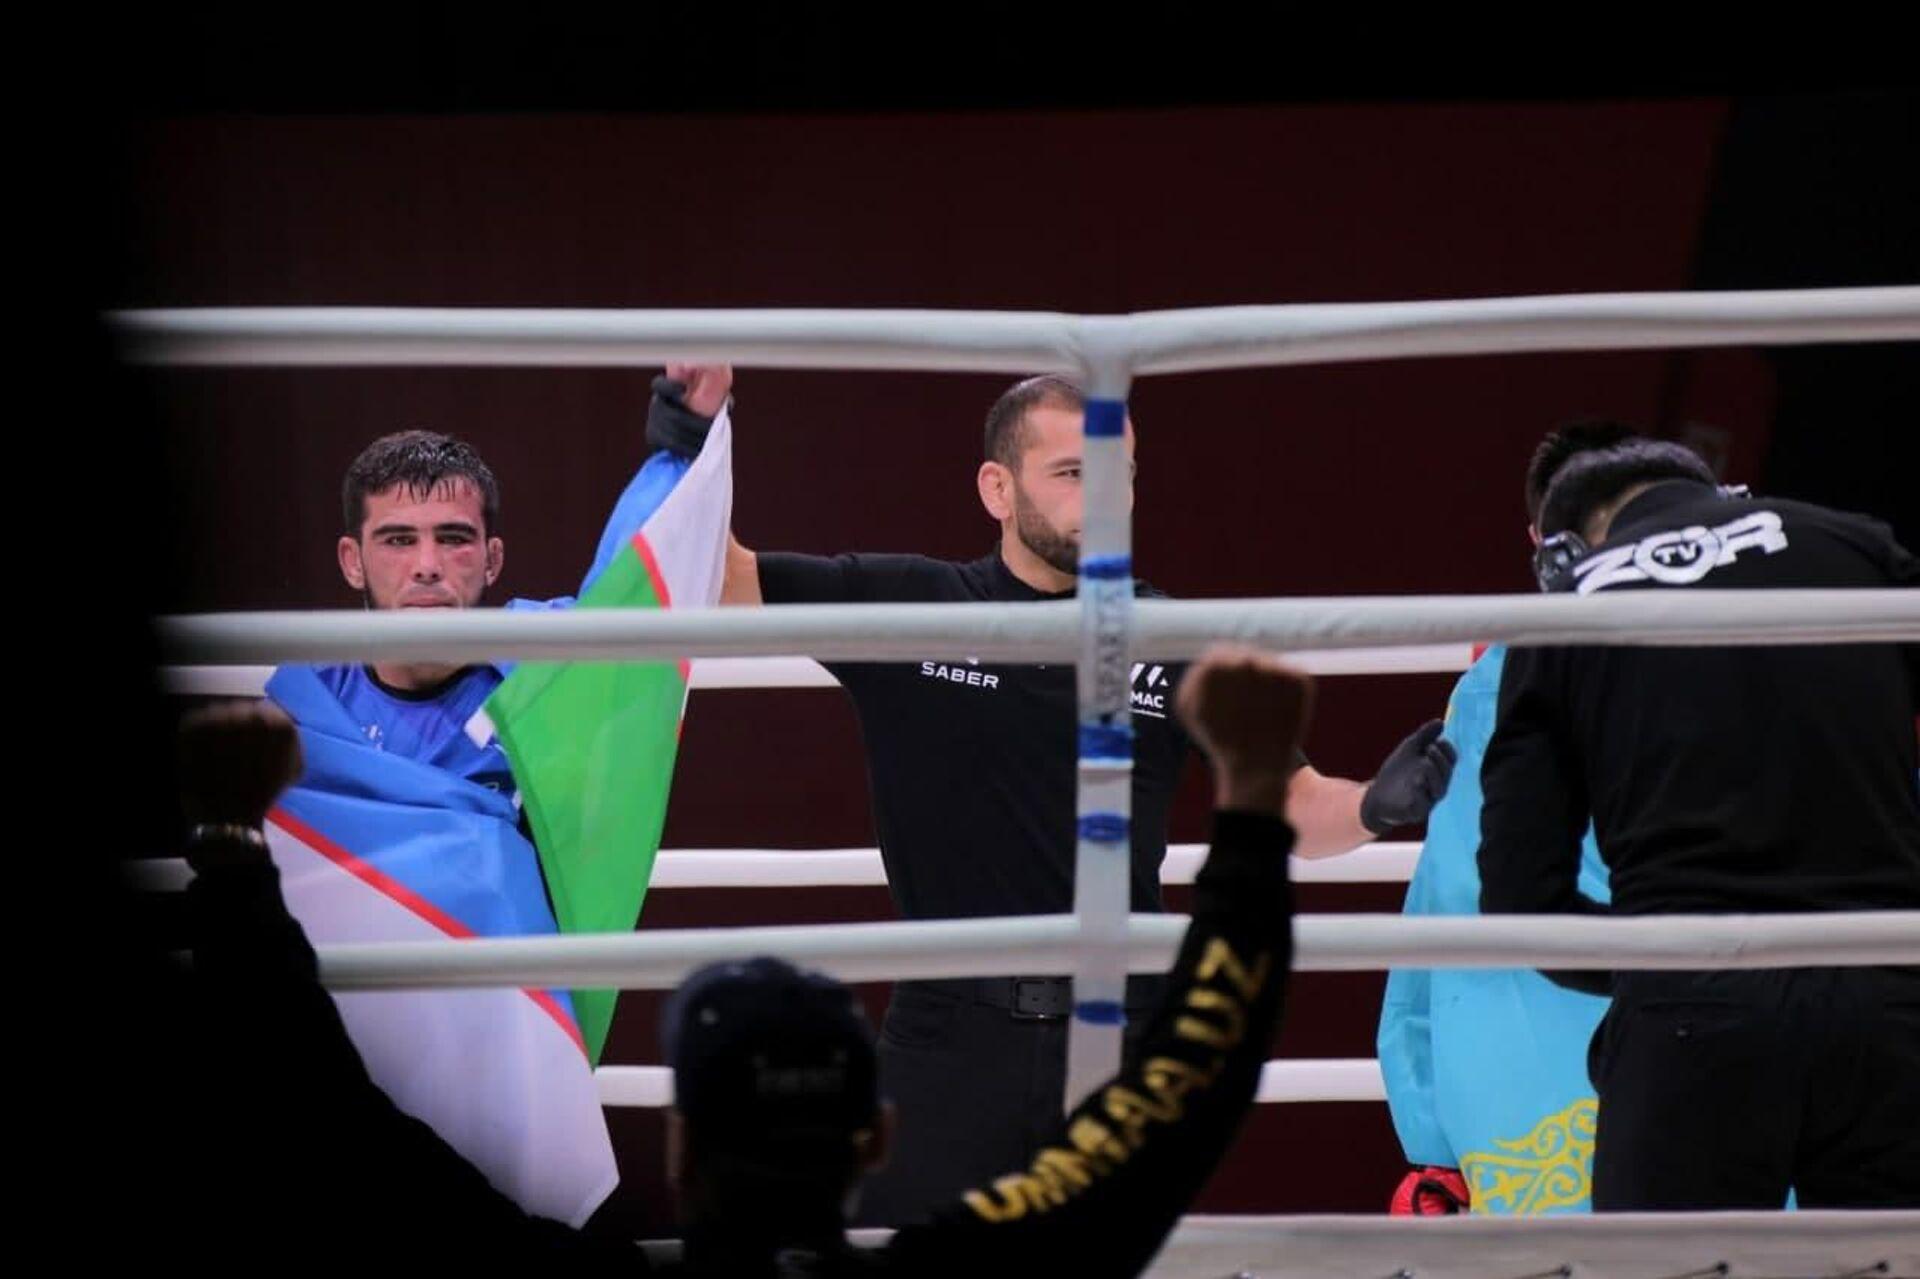 В Нукусе завершился чемпионат Центральной Азии по смешанным боевым искусствам - Sputnik Ўзбекистон, 1920, 11.10.2021